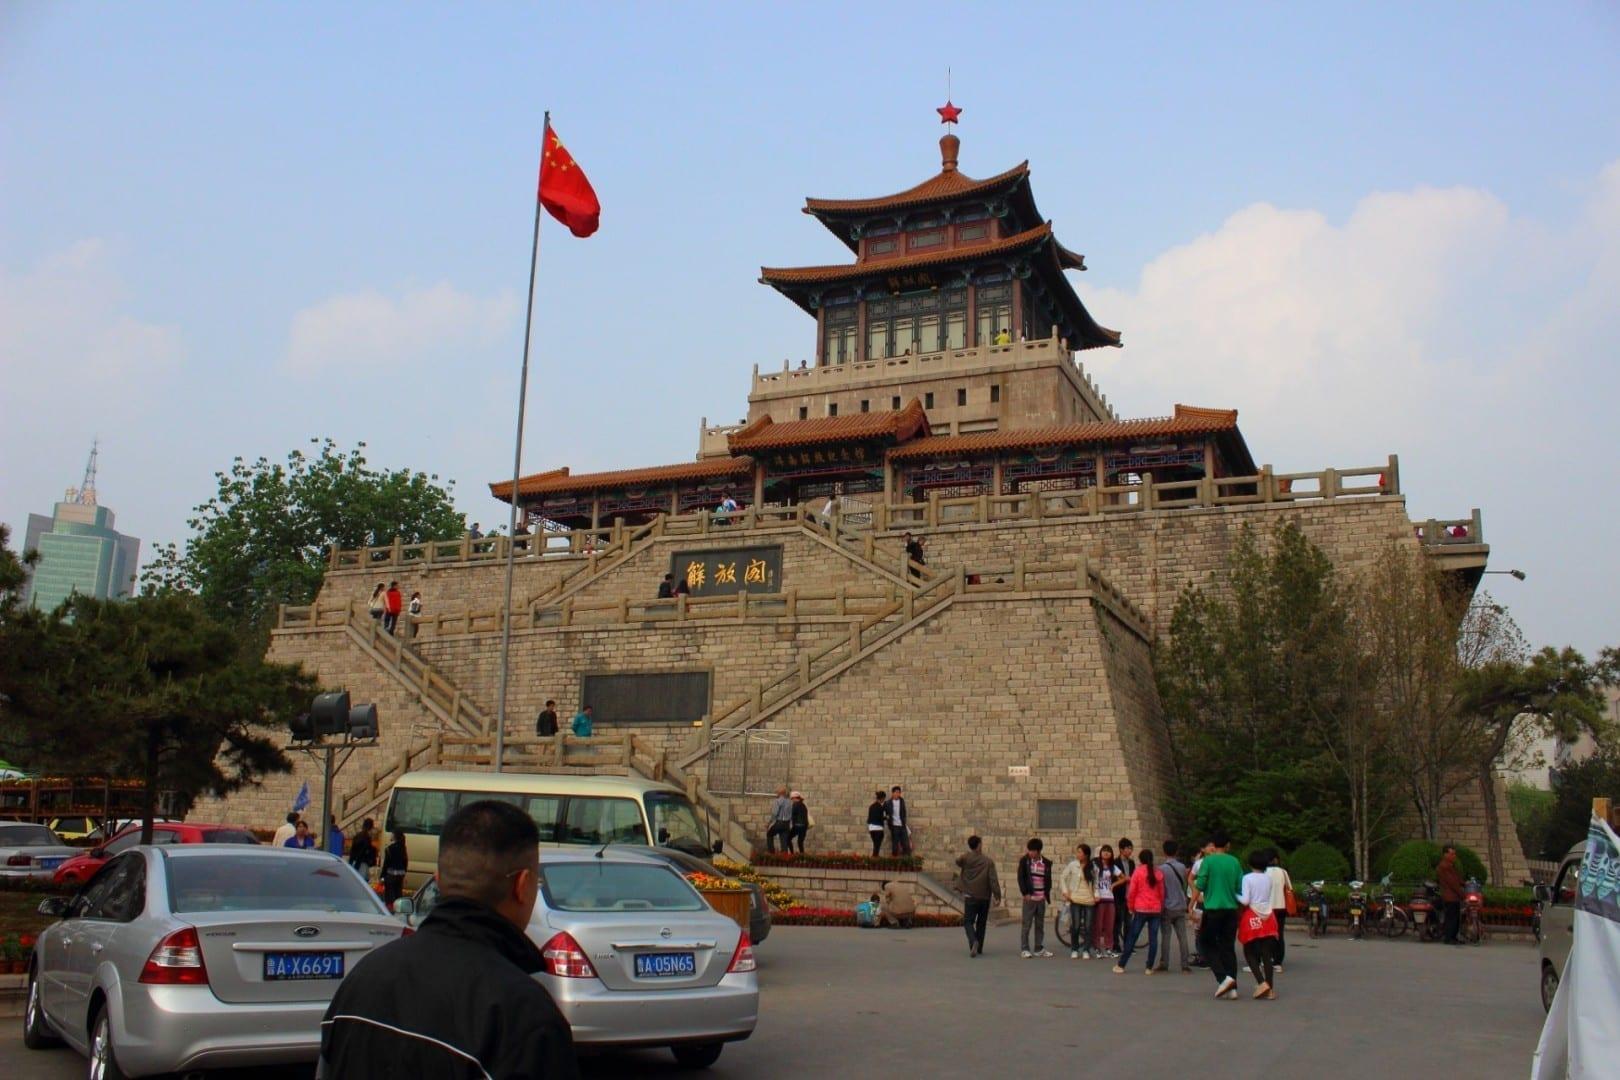 Pabellón de la Liberación Jinan China